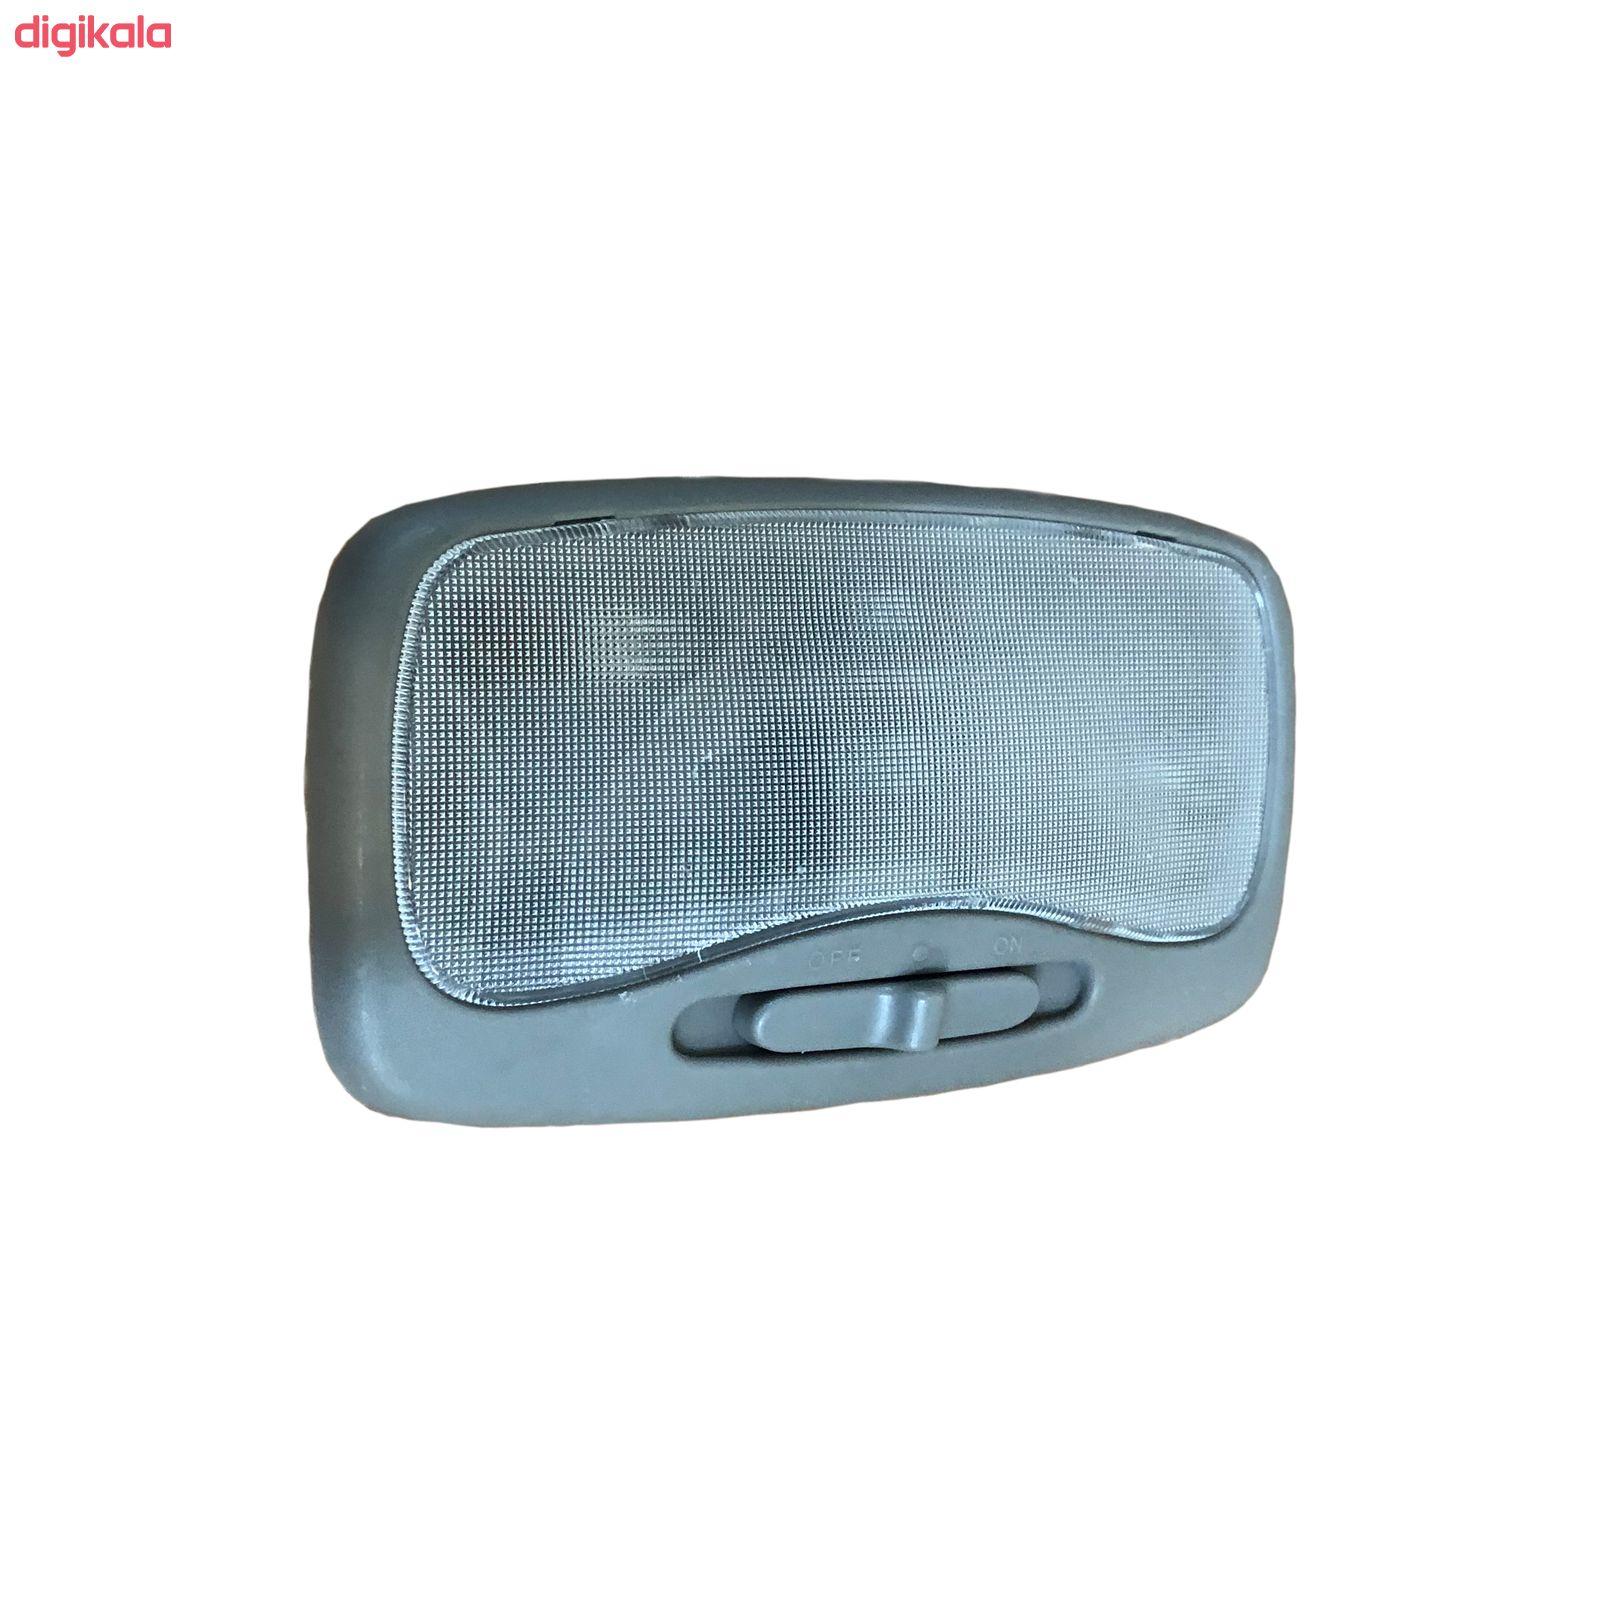 چراغ سقف خودرو کد 1259875 مناسب برای تیبا main 1 1